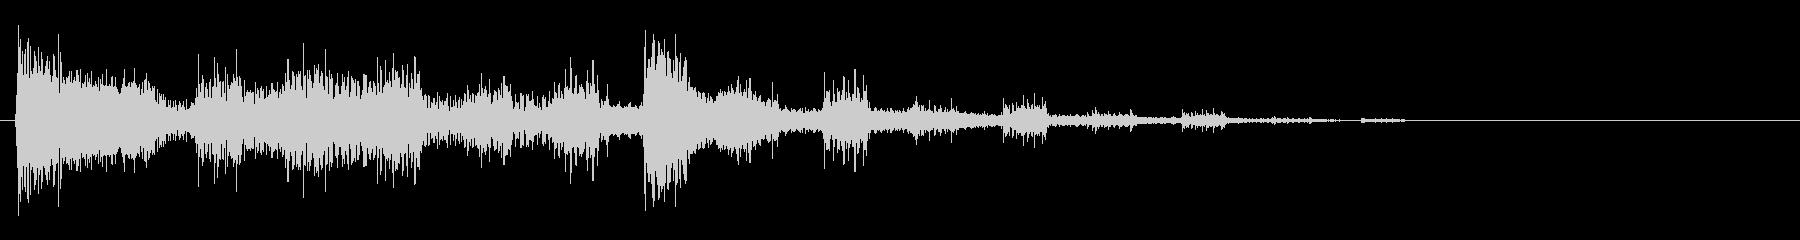 ズンズンチャン(映像の繋ぎの効果音)の未再生の波形